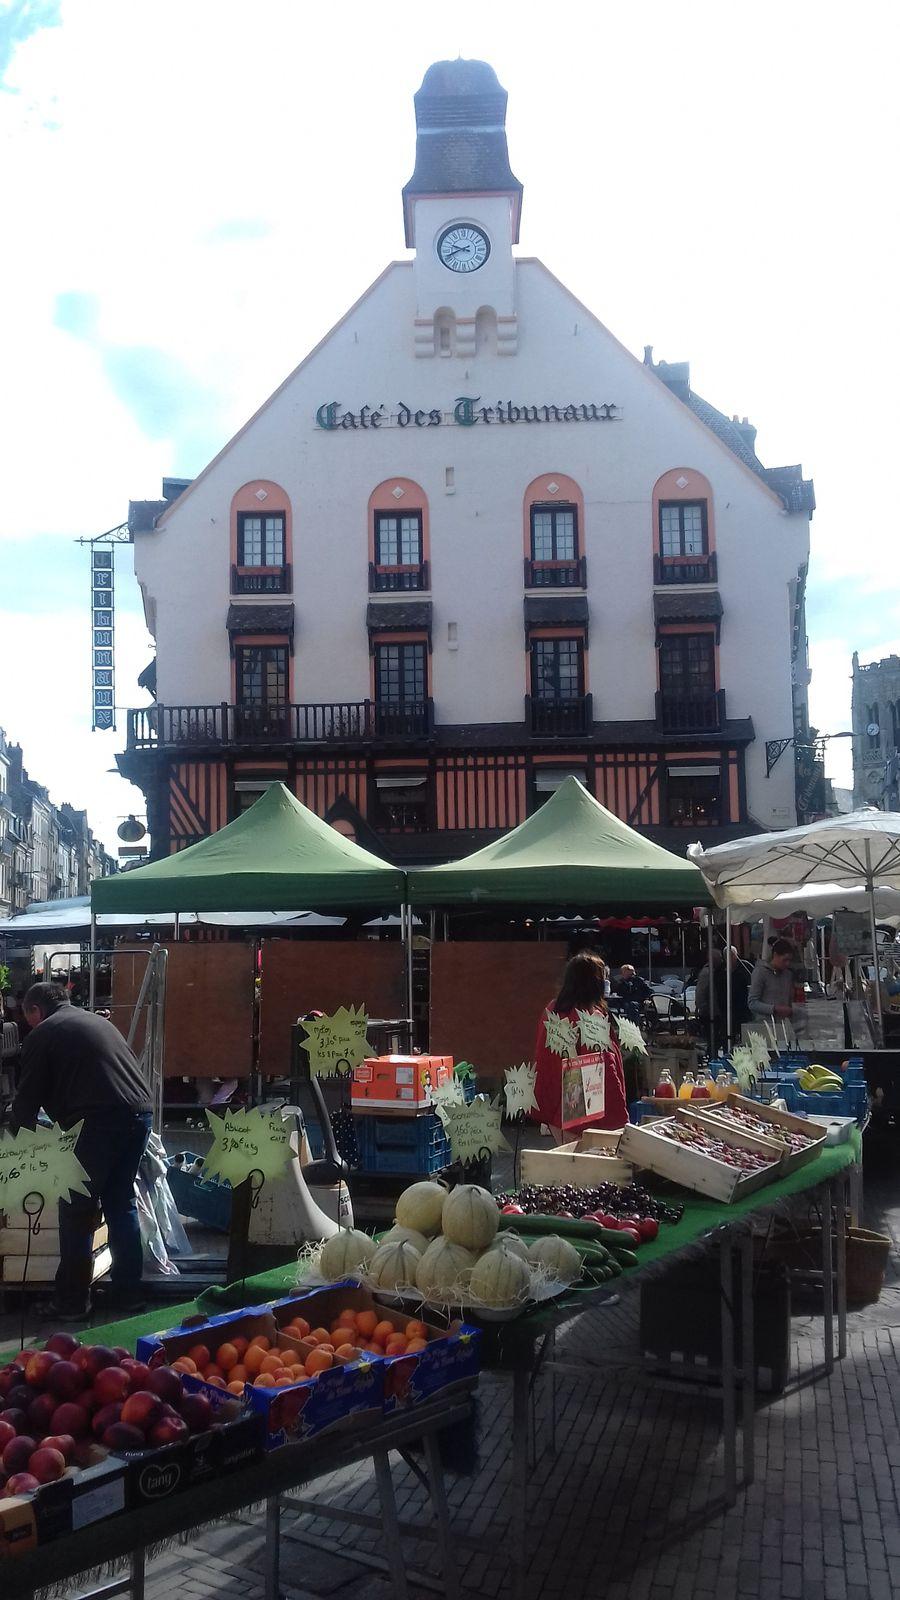 Dieppe retrouve son marché et le marcché retrouve Dieppe ...